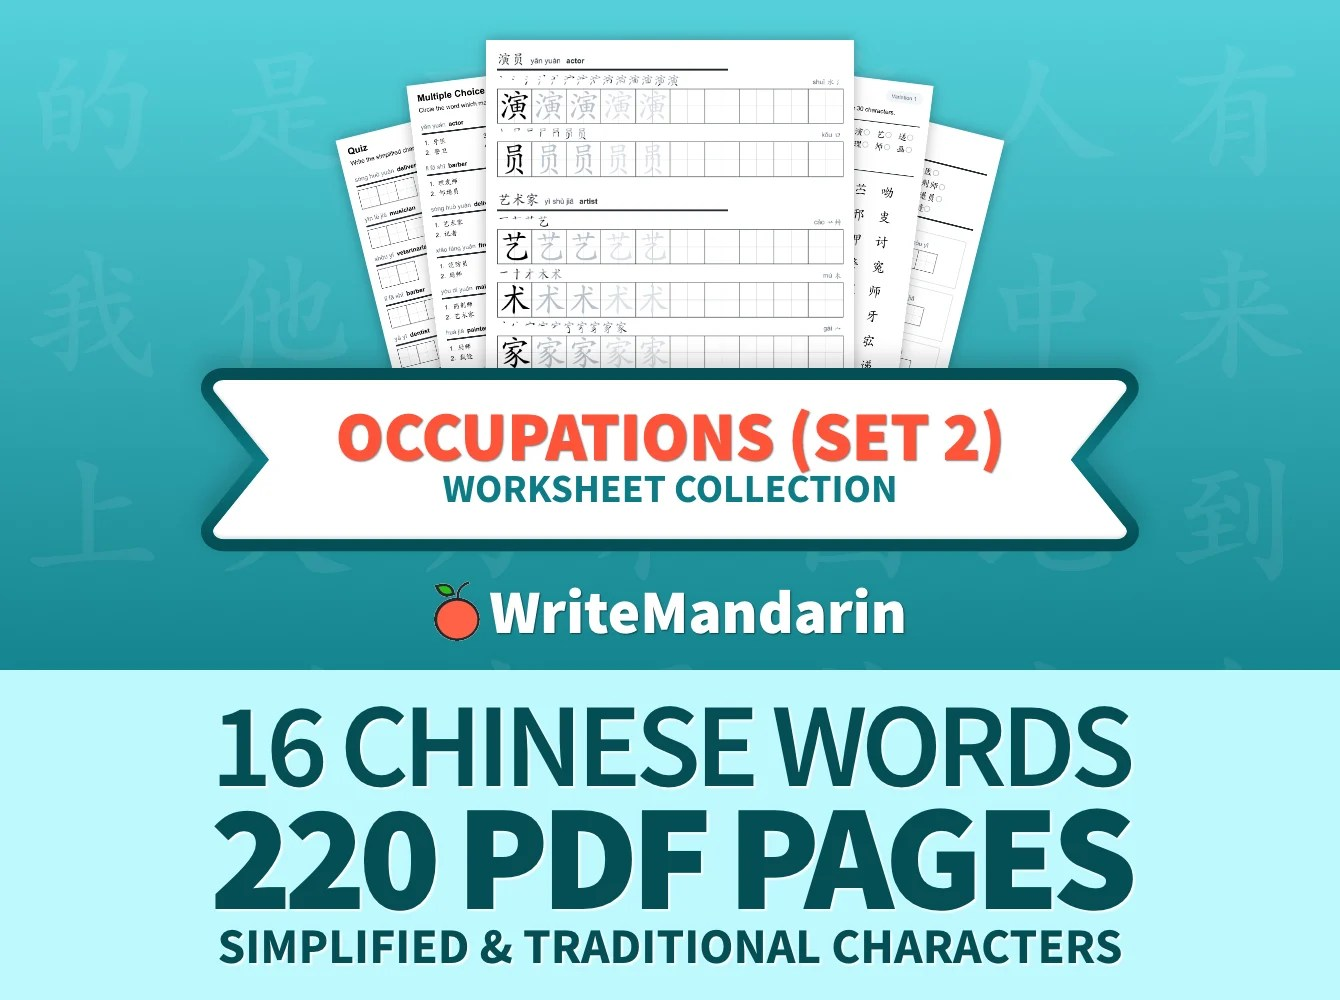 Occupations Set 2